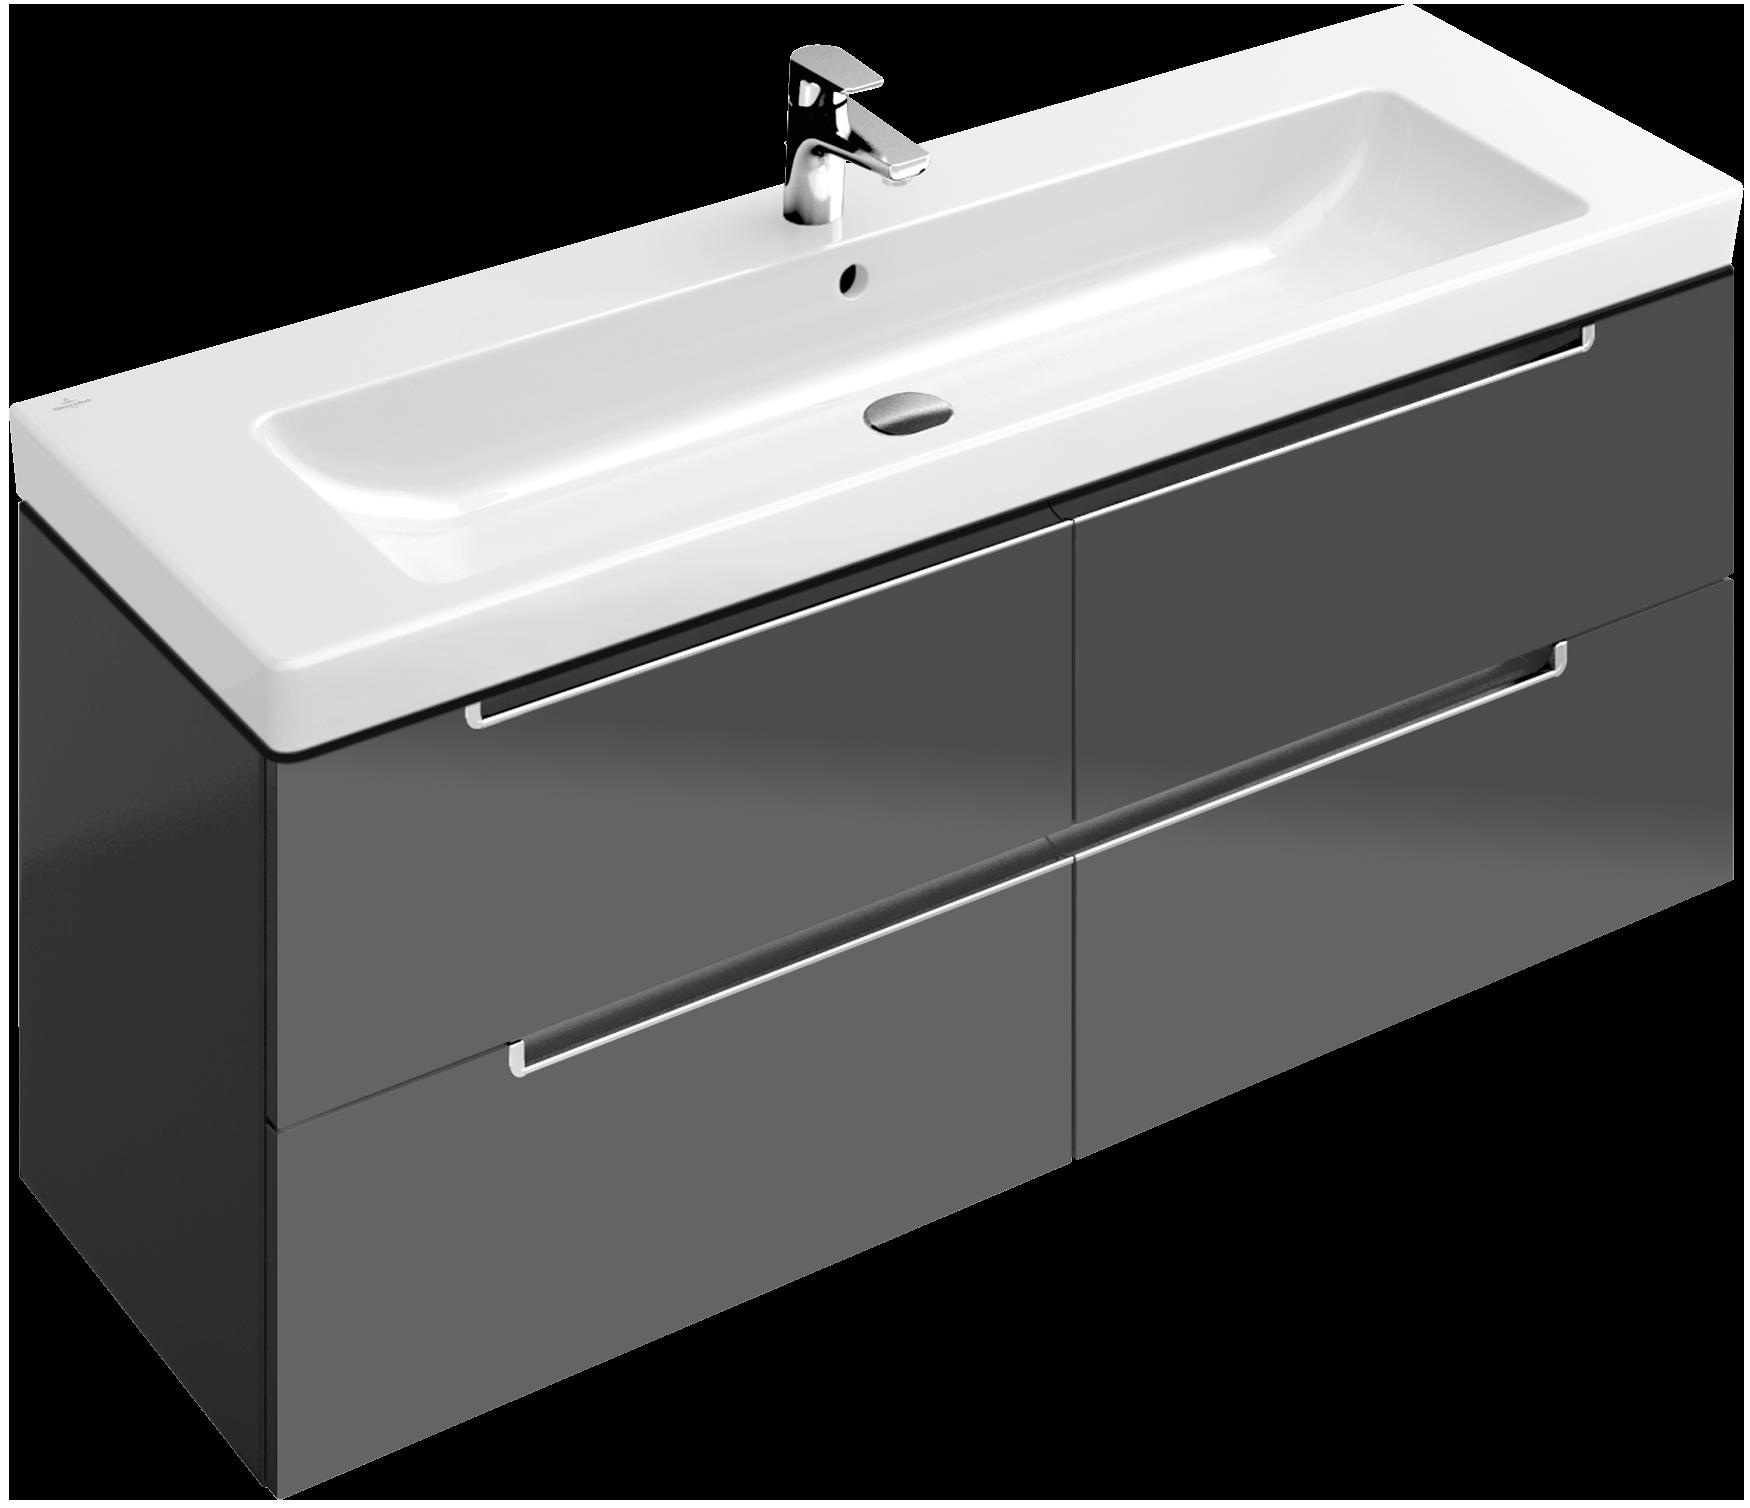 subway 2 0 vanity unit a69100 villeroy boch. Black Bedroom Furniture Sets. Home Design Ideas